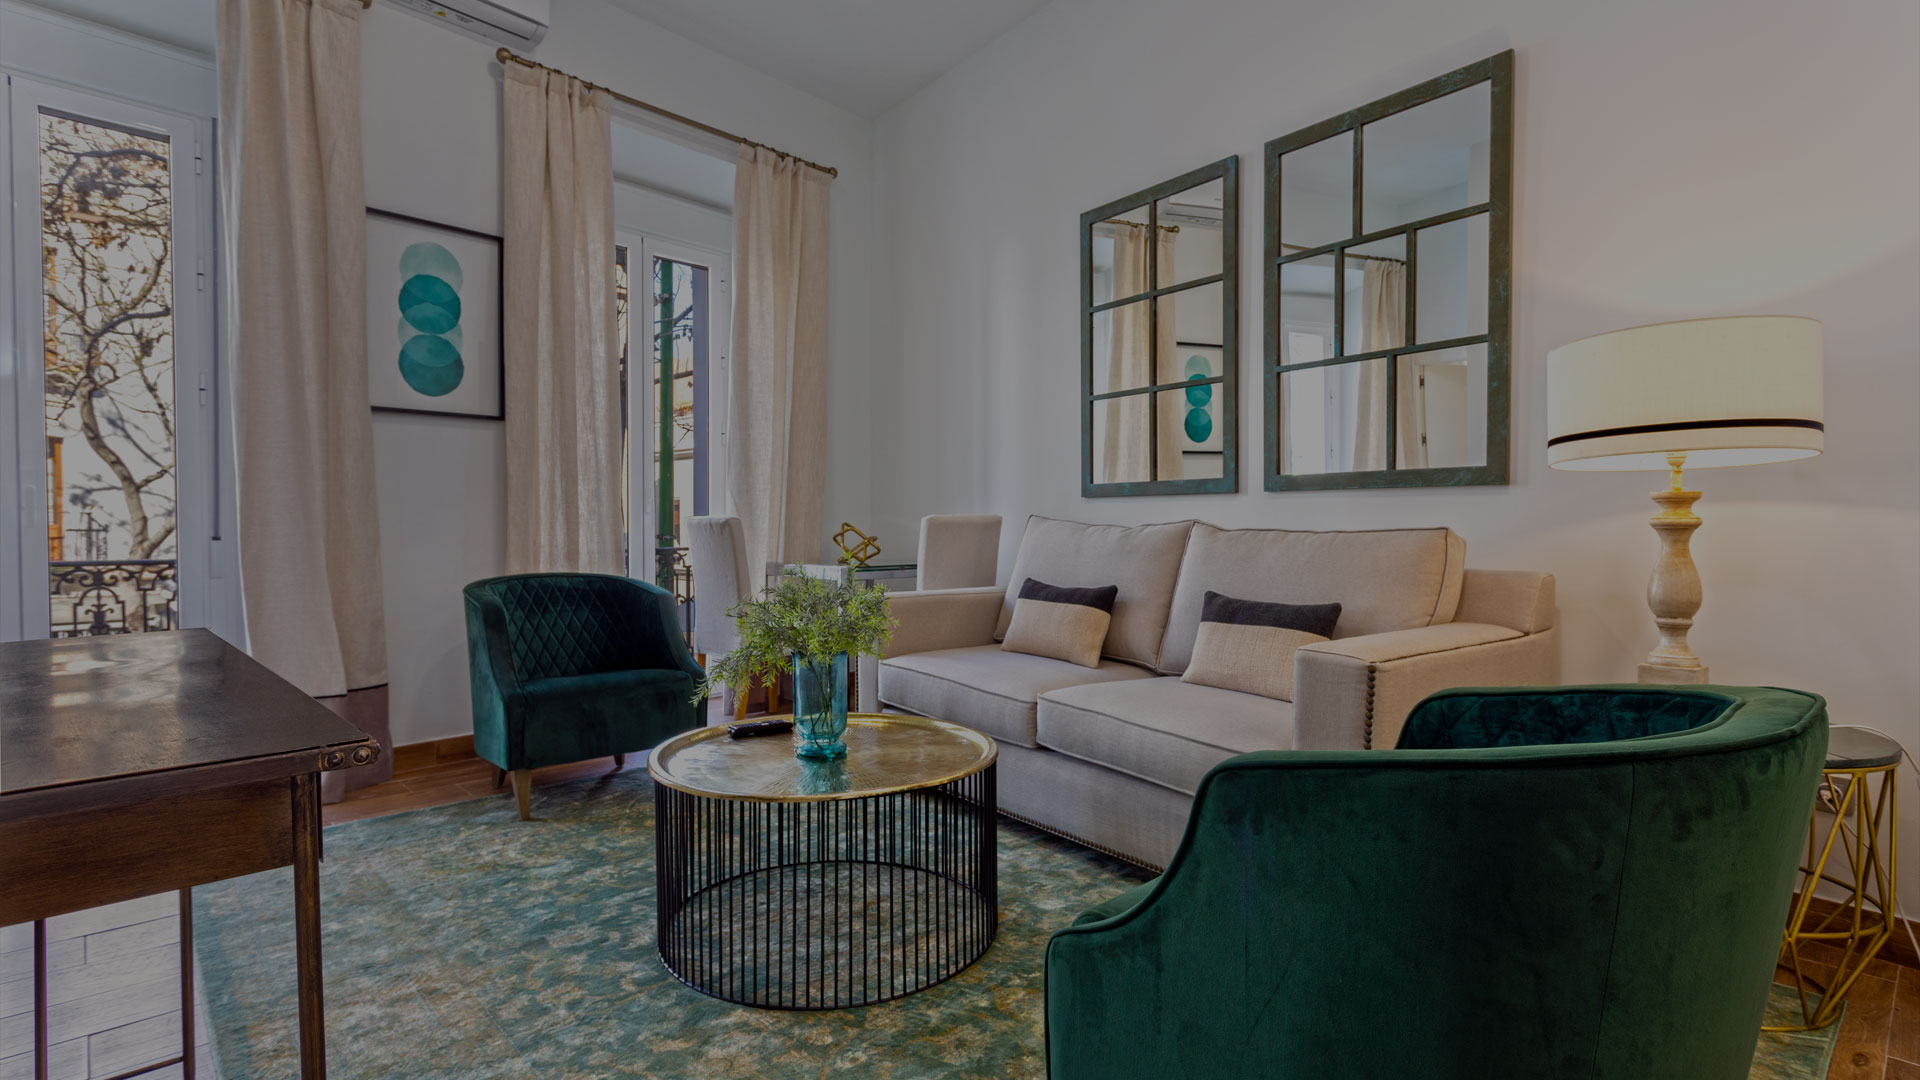 Luxury holiday homes rentals in Spain   Genteel home